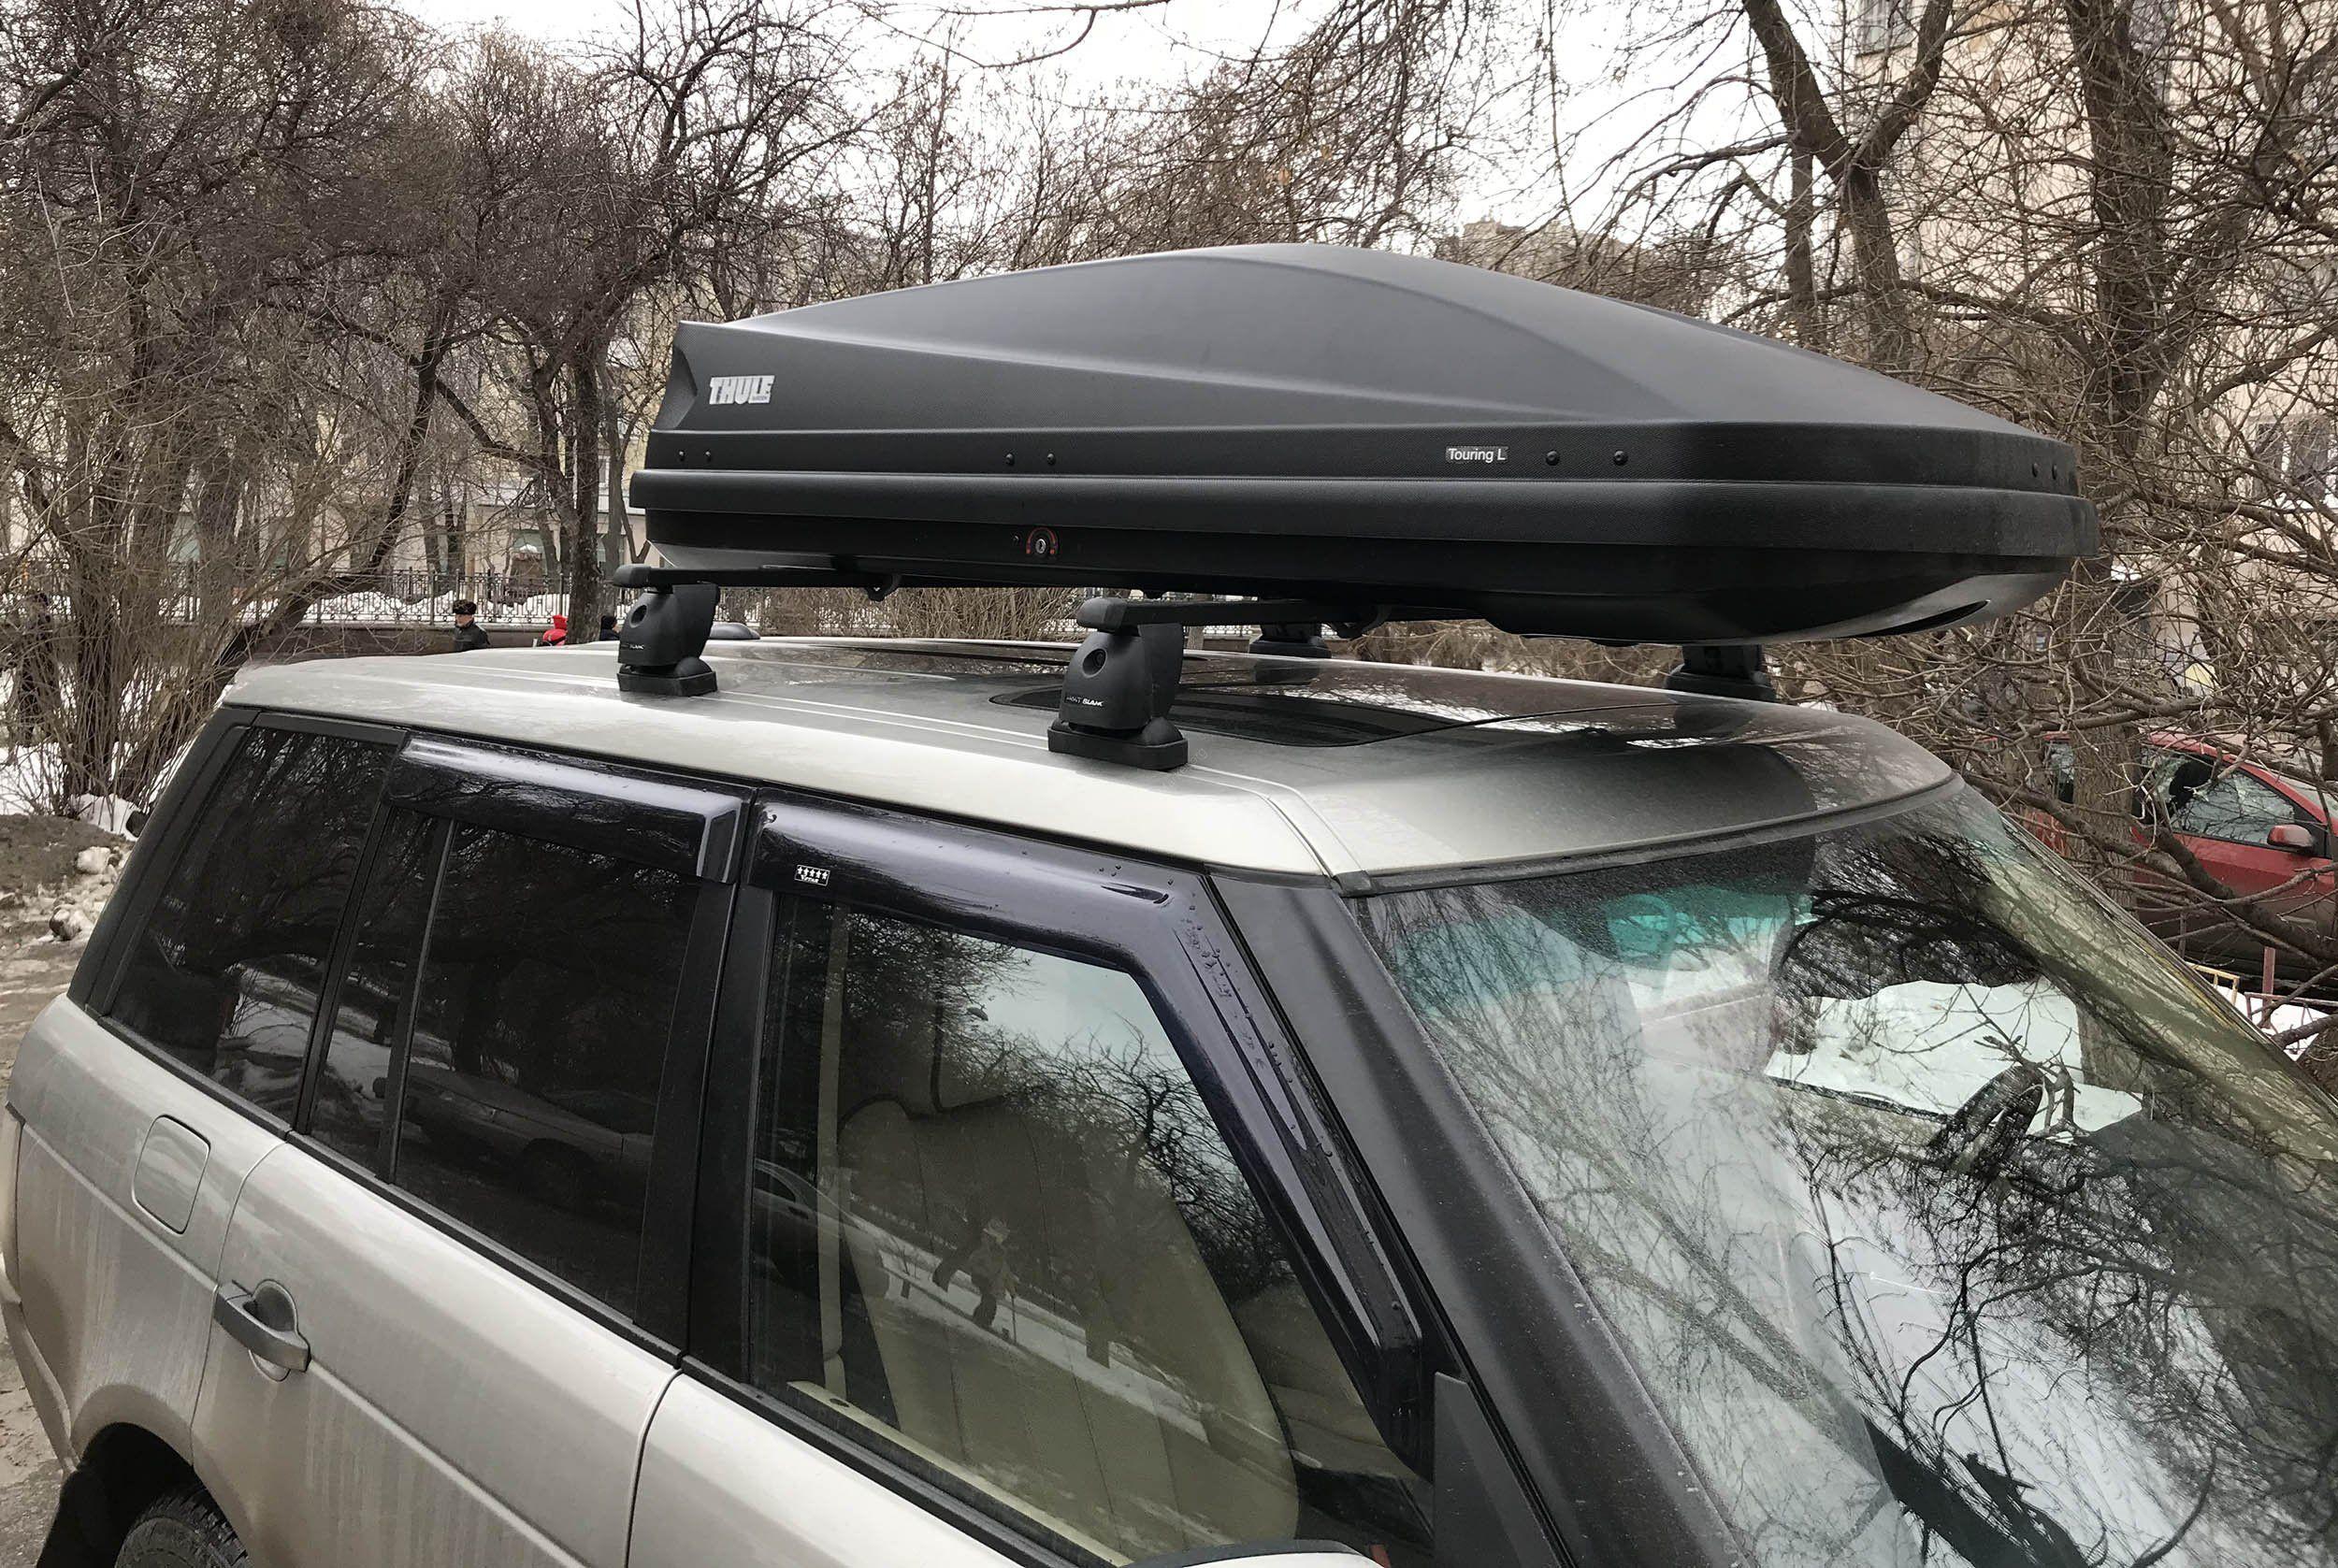 Функция автобагажника на крыше